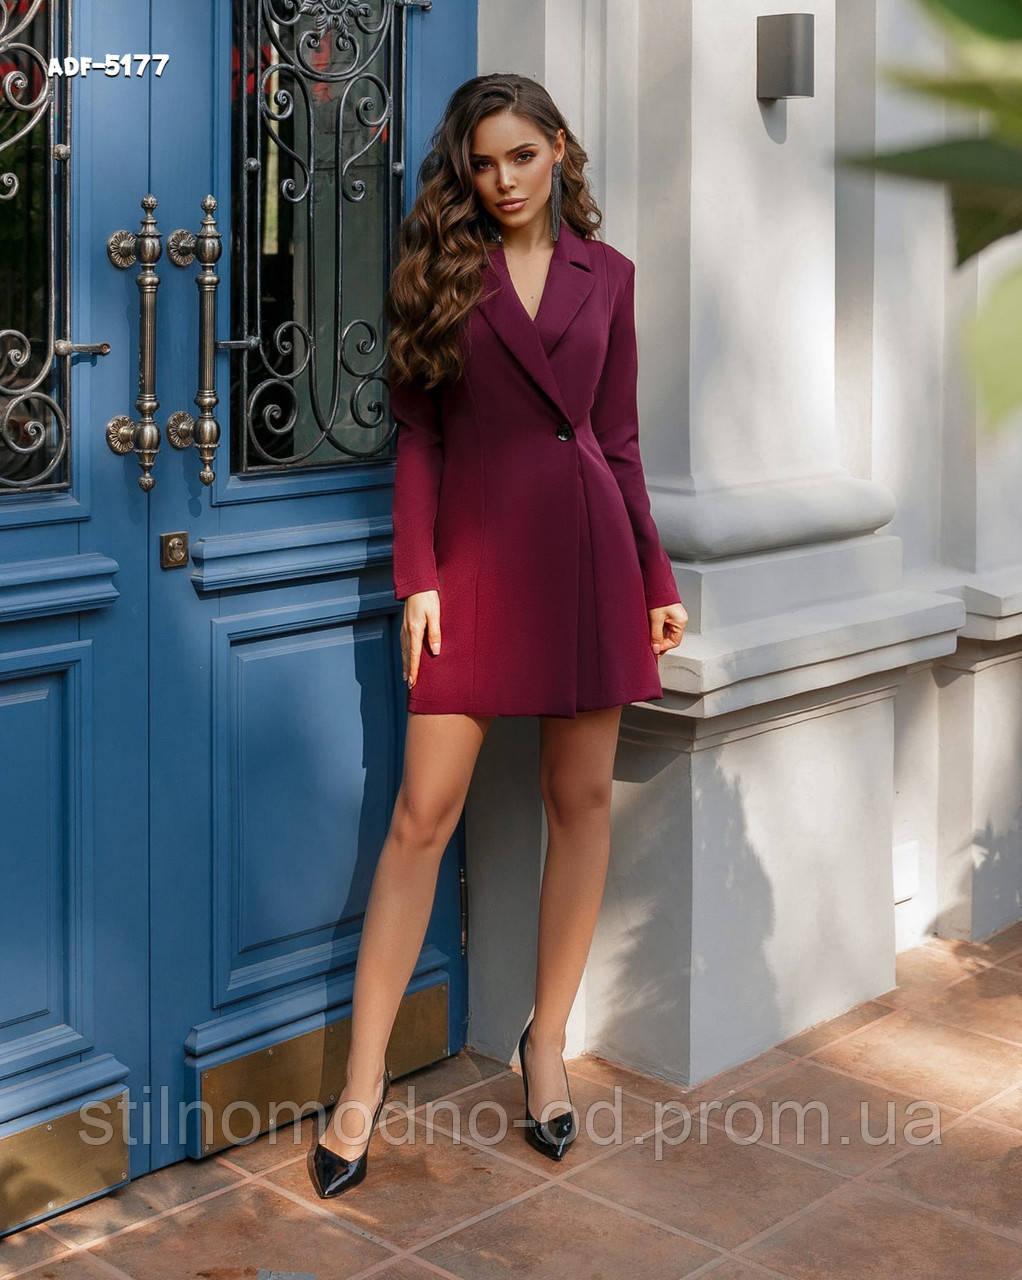 Жіноче плаття-піджак від СтильноМодно